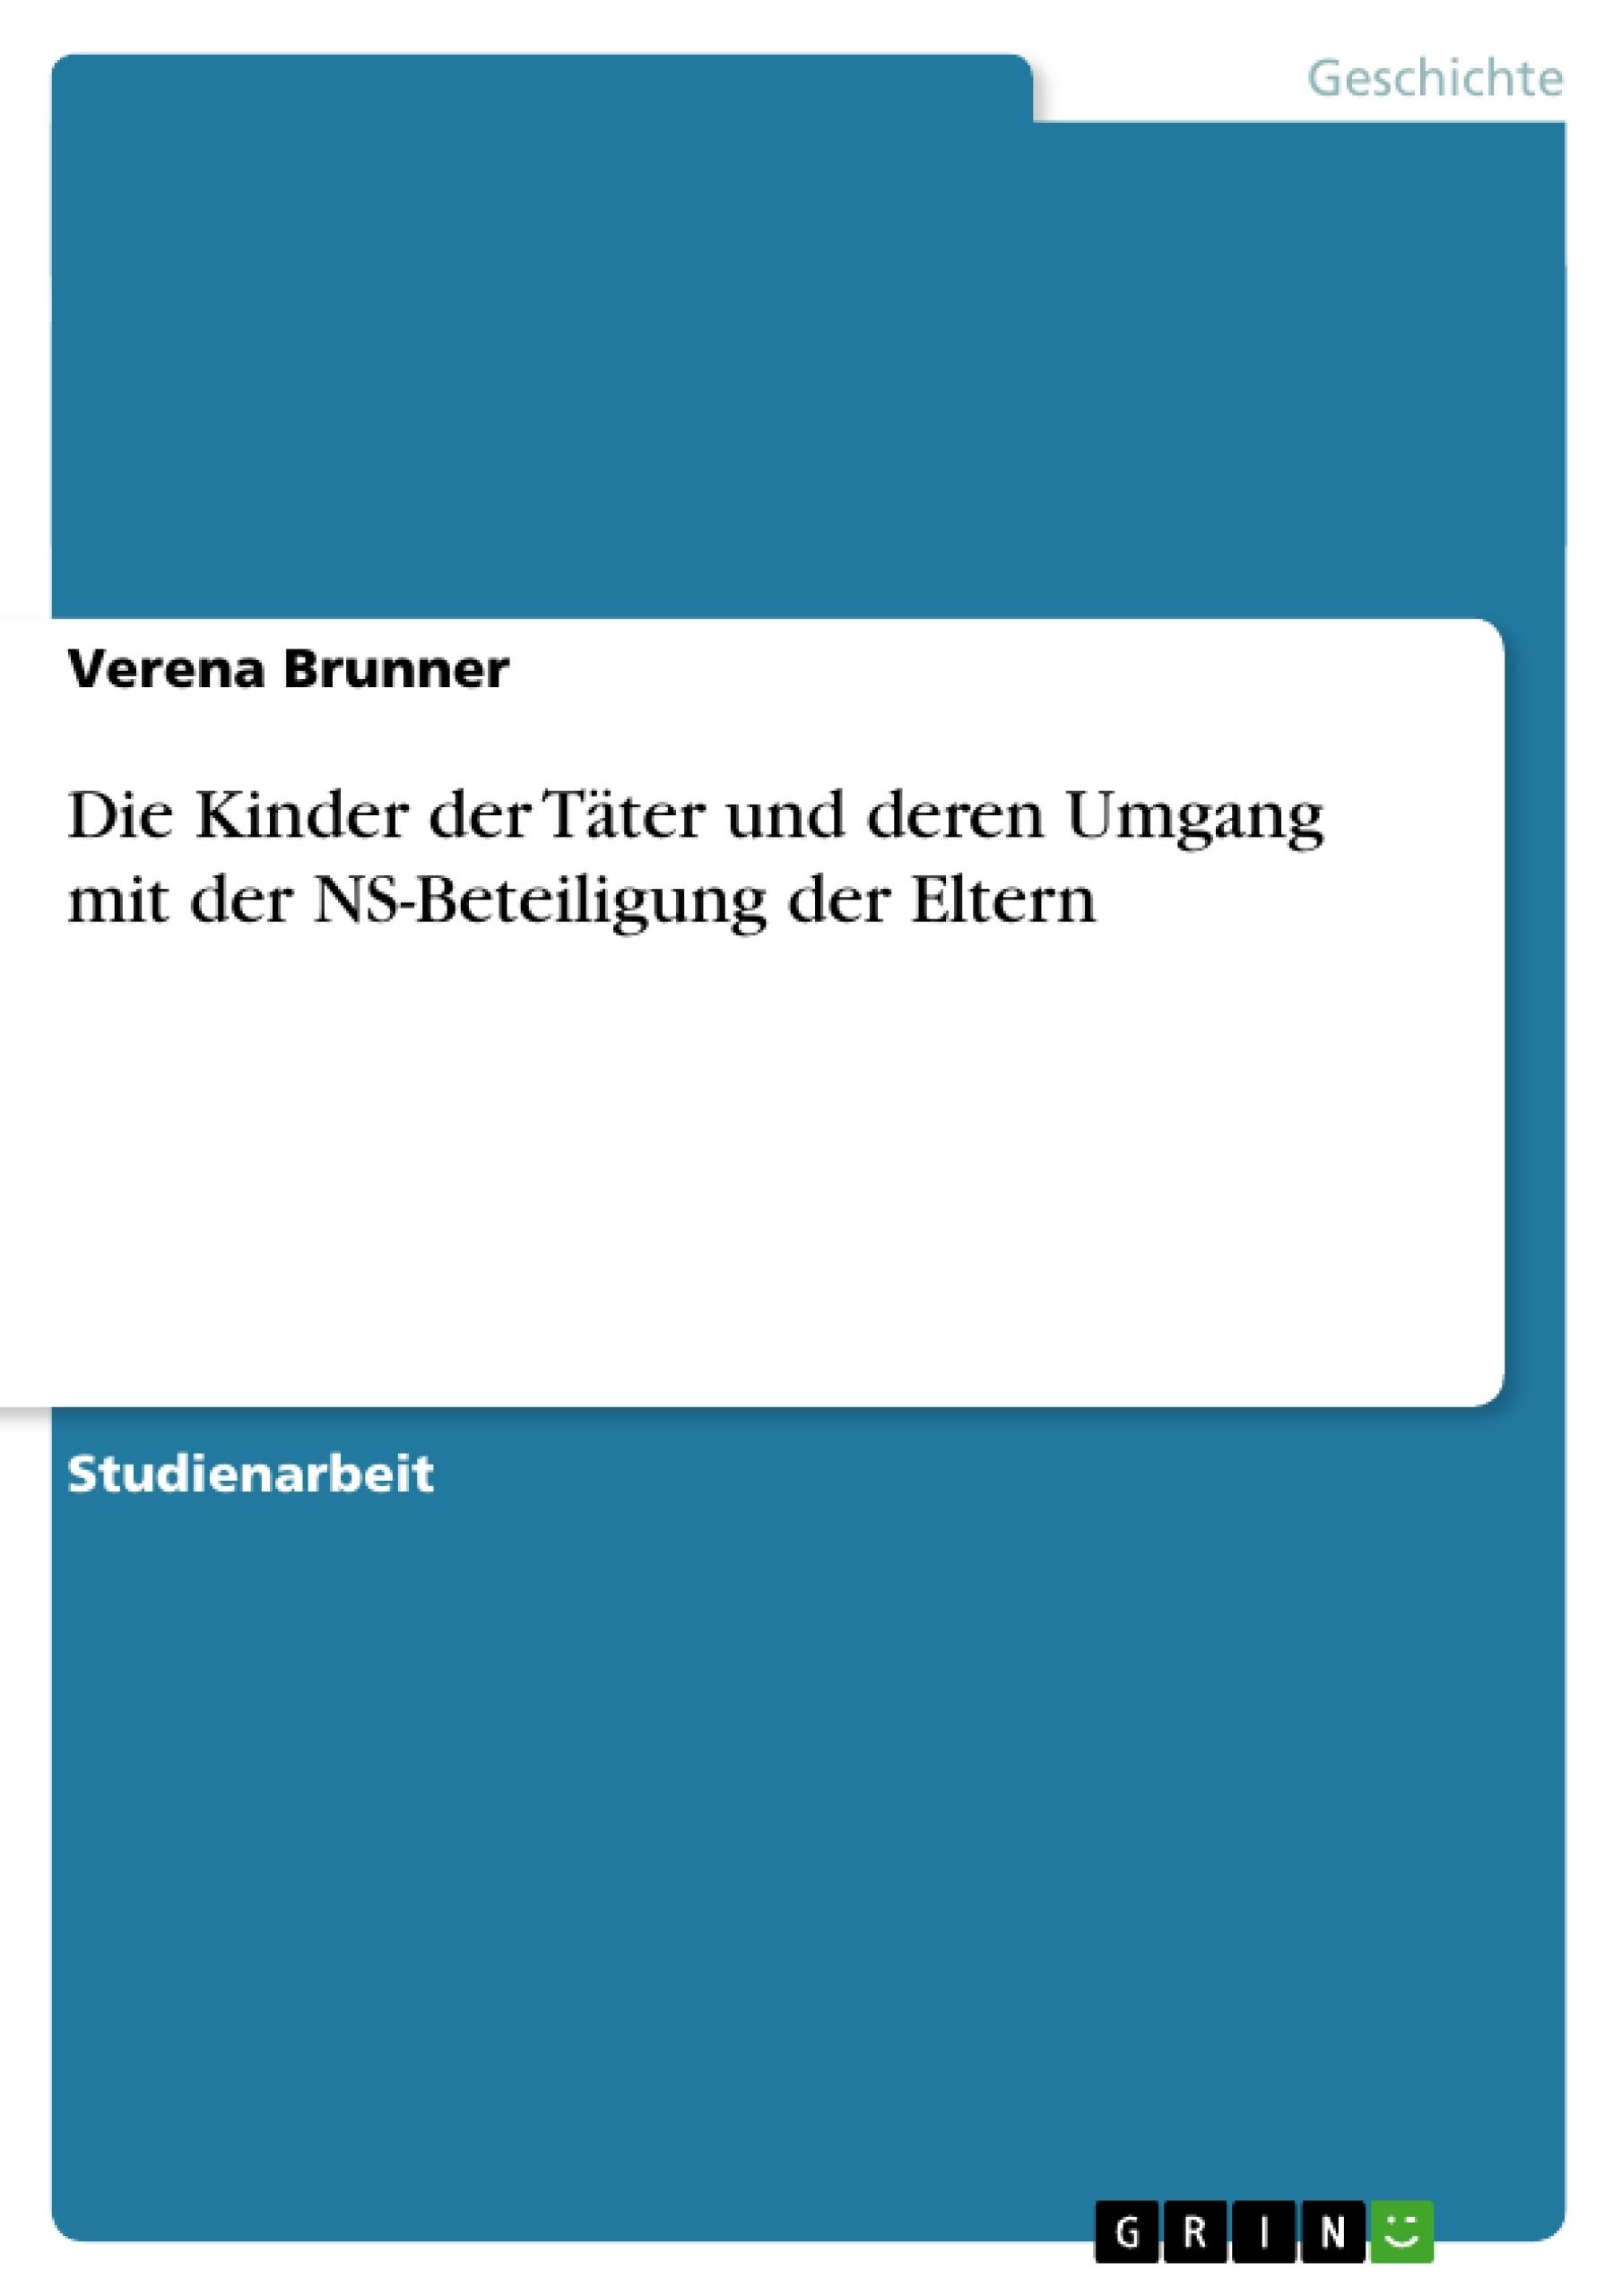 Titel: Die Kinder der Täter und deren Umgang mit der NS-Beteiligung der Eltern